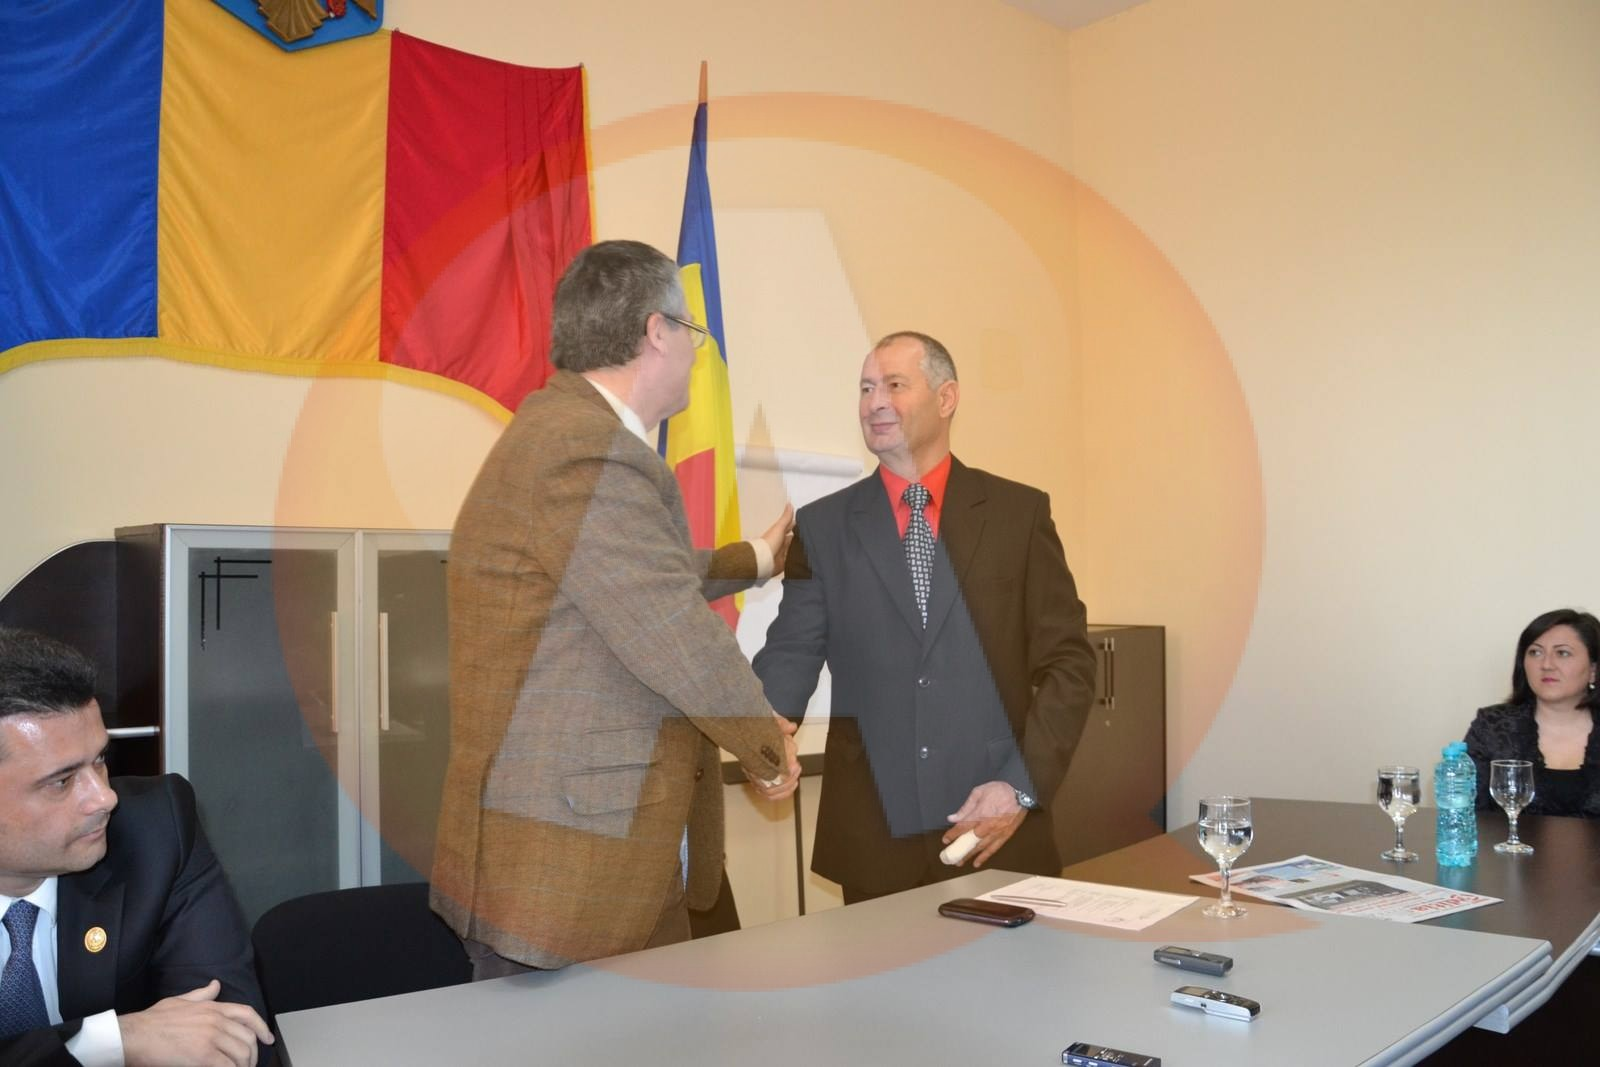 Primăria Cuza-Vodă a deschis drumul proiectelor finanțate prin Regio, pe infrastructura educațională